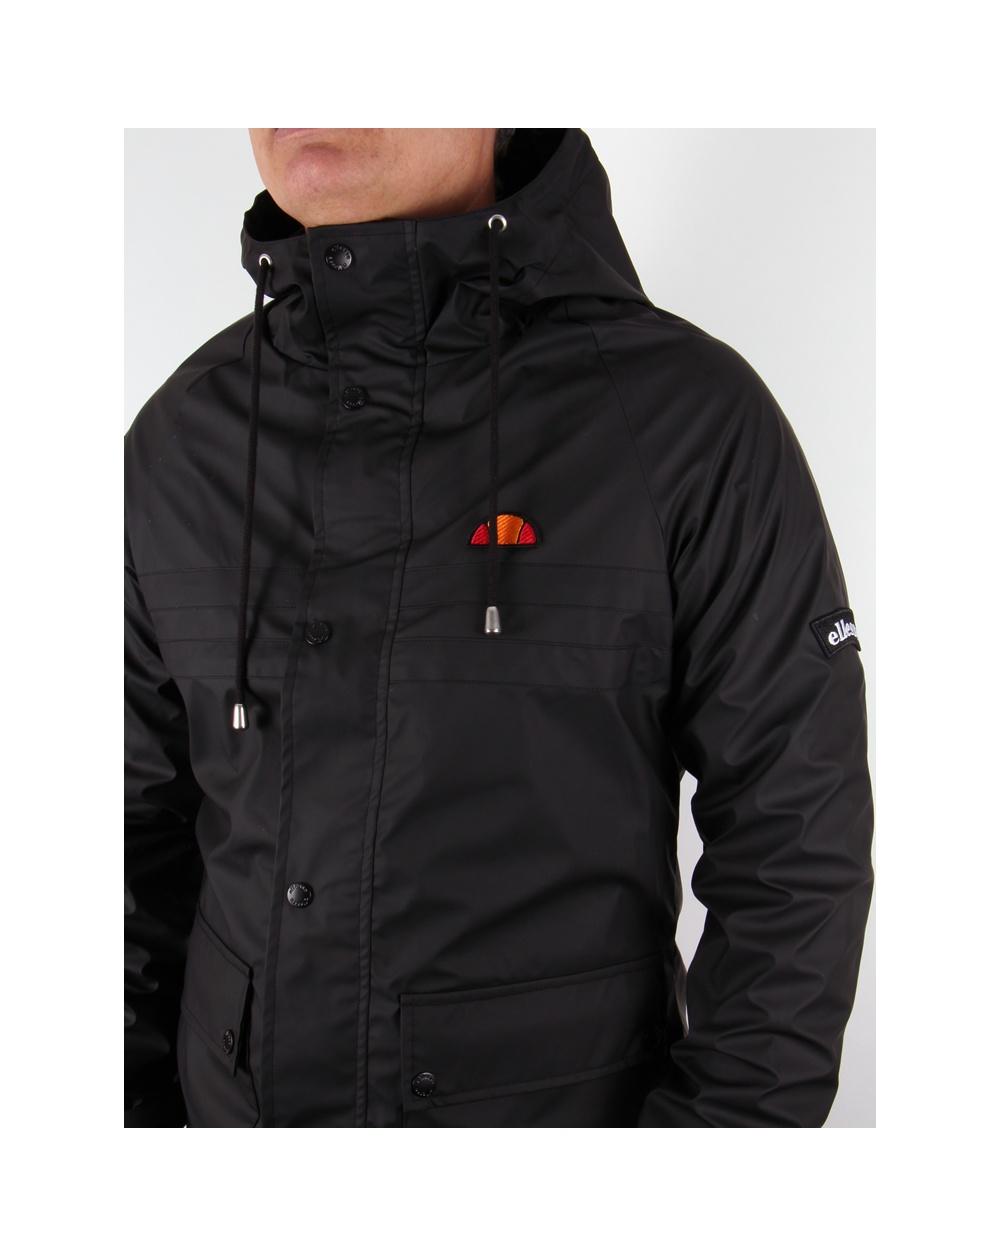 ellesse trevisina jacket black heritage hooded jacket. Black Bedroom Furniture Sets. Home Design Ideas